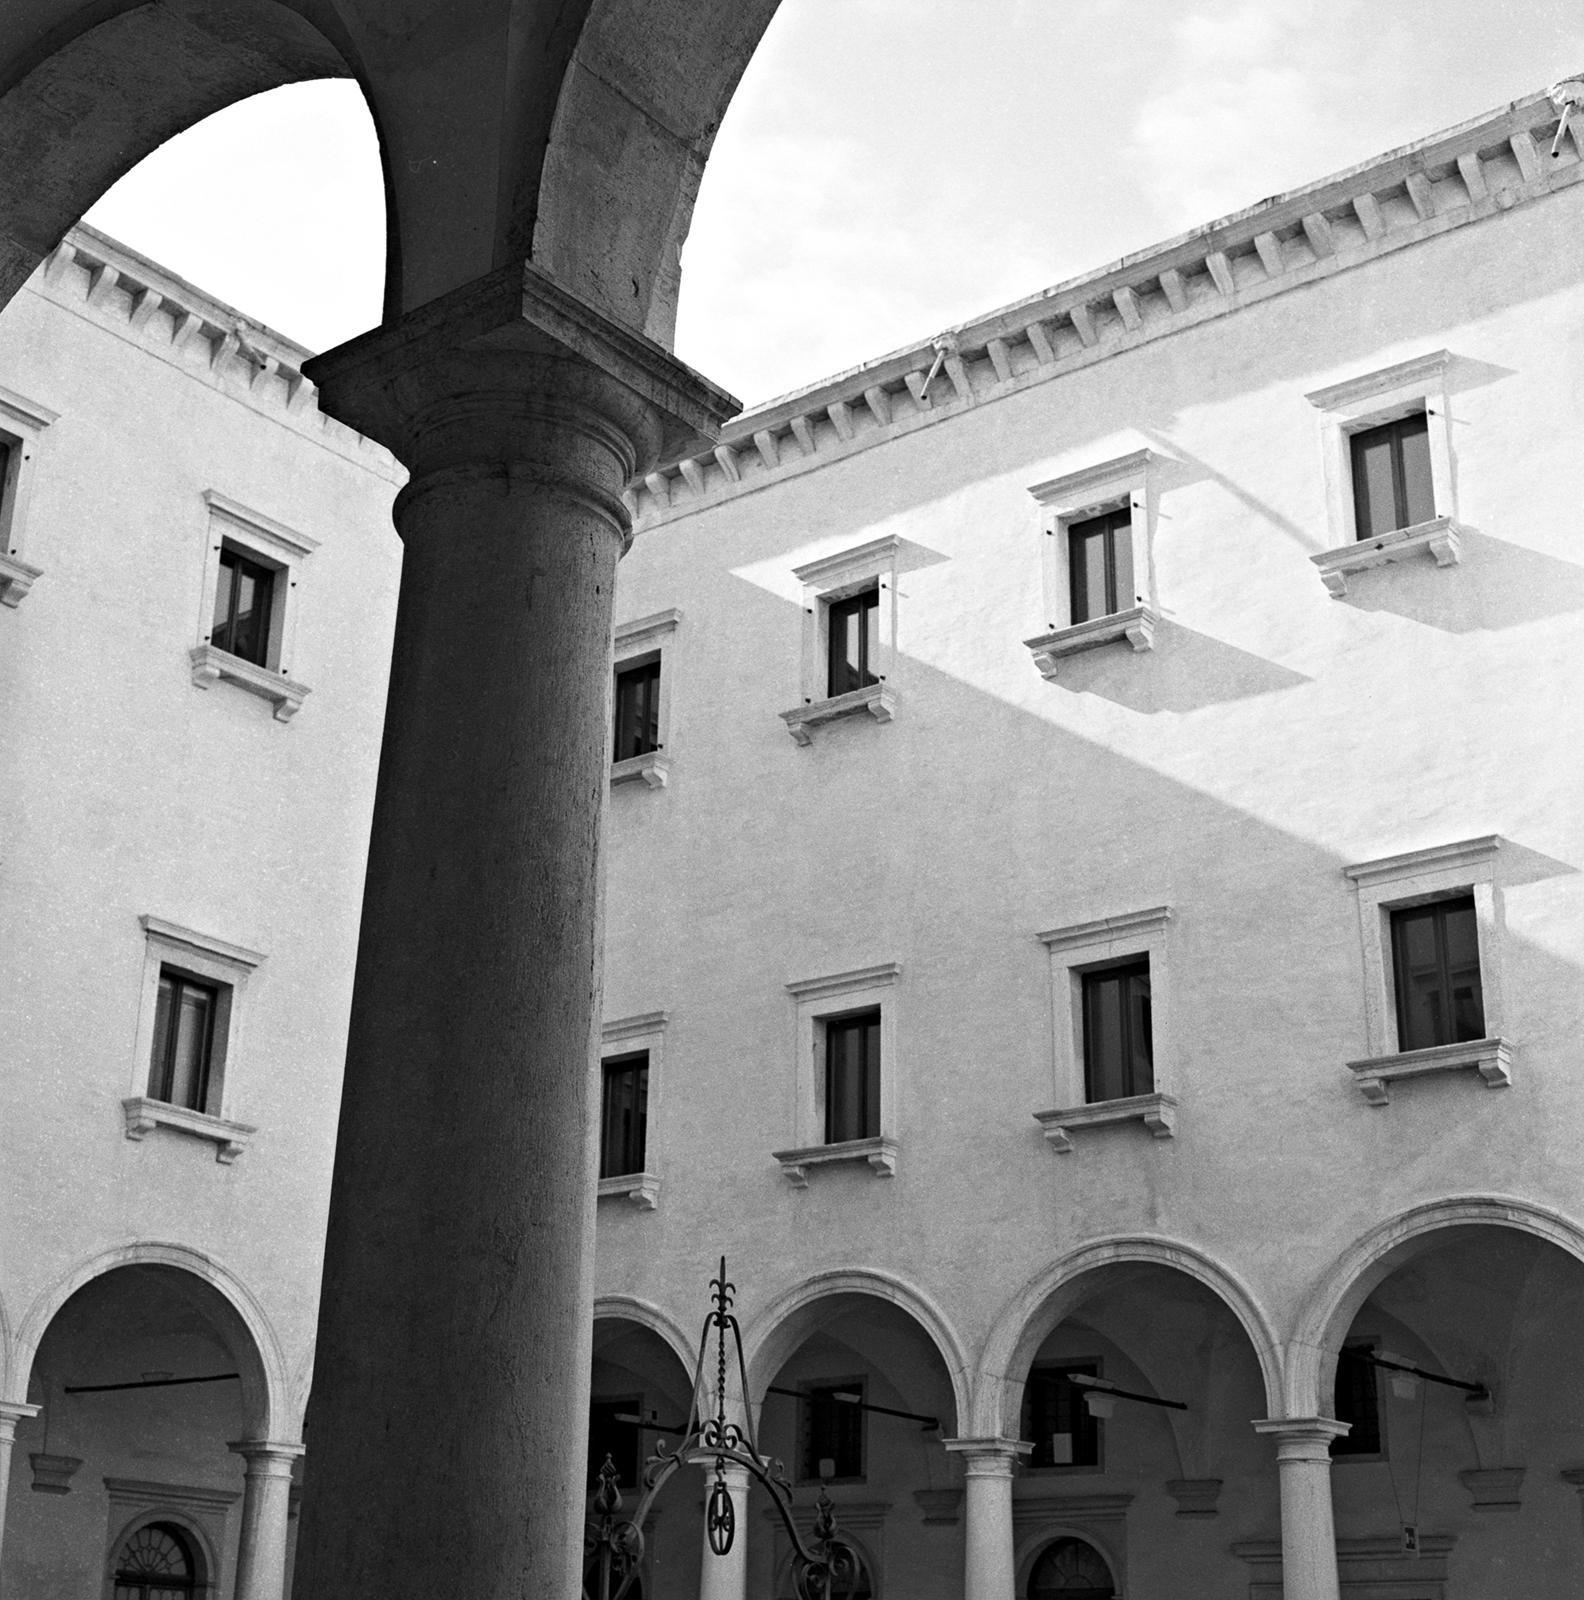 Venice-r4-012.jpg